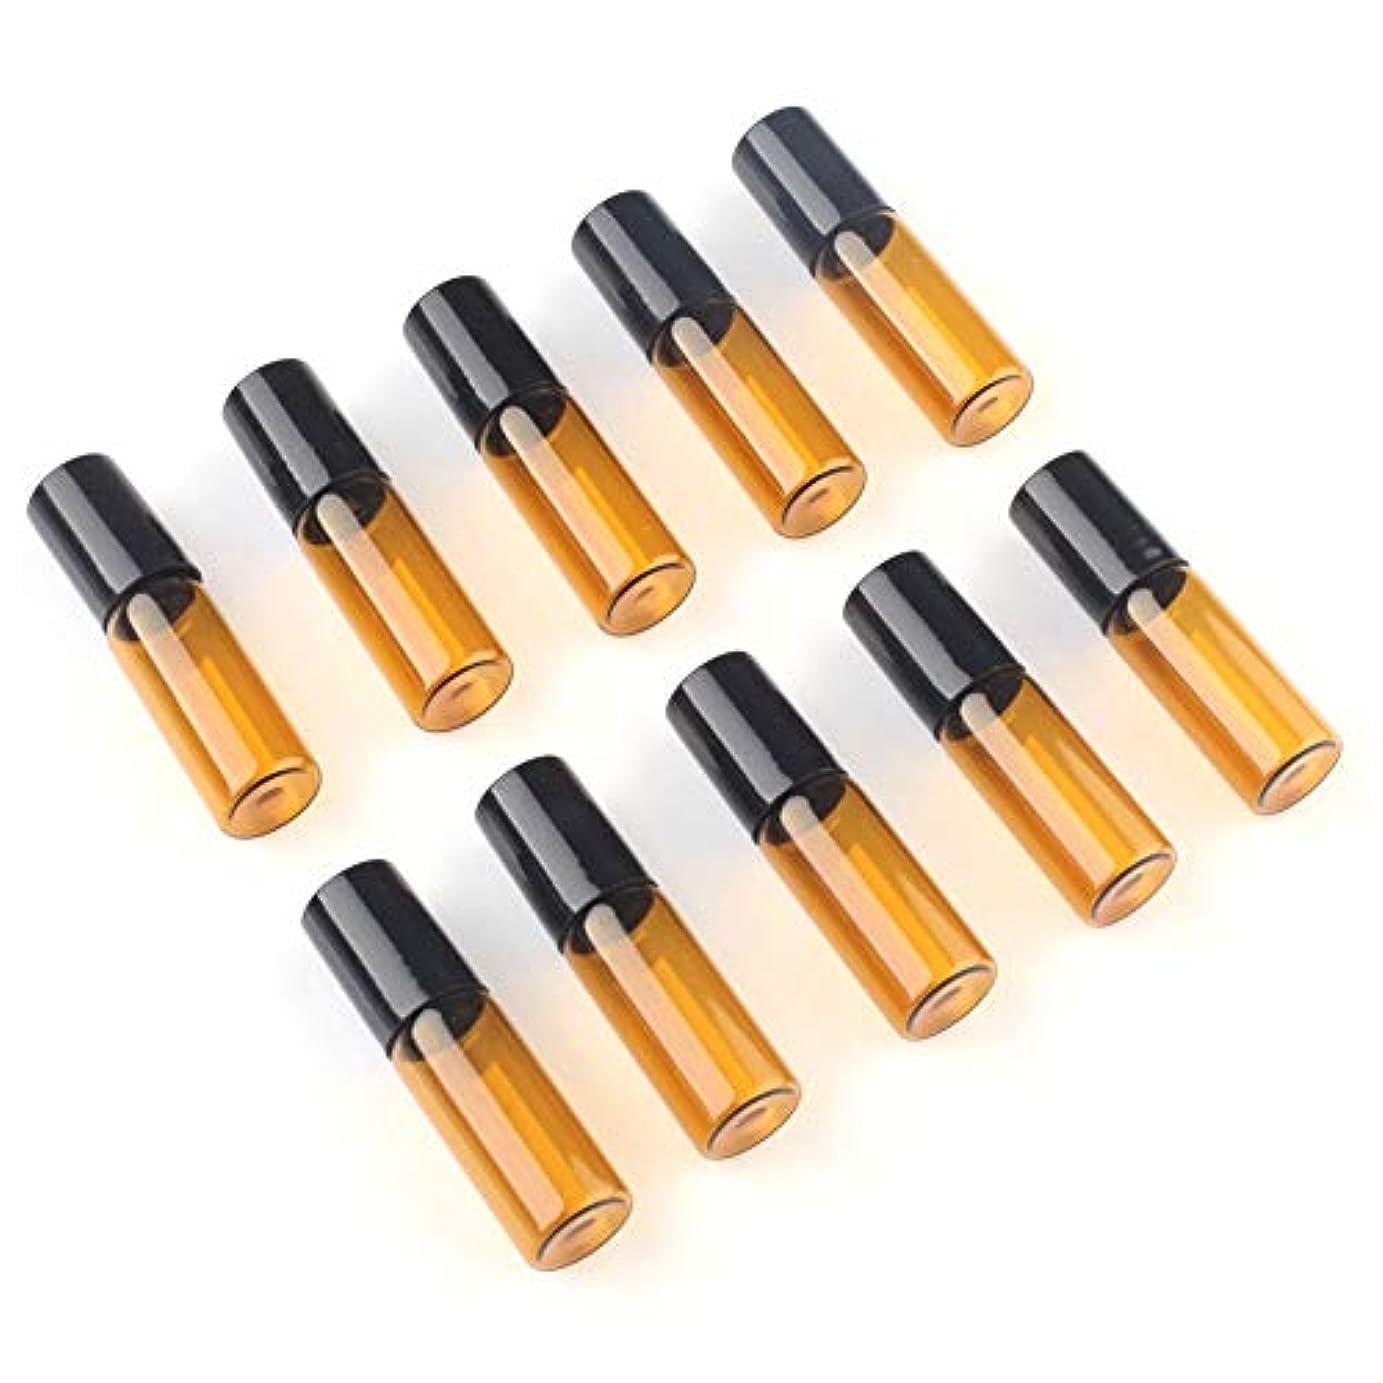 可能ストライプ失効アロマオイル 精油 小分け用 遮光瓶 10本セット (5ml)